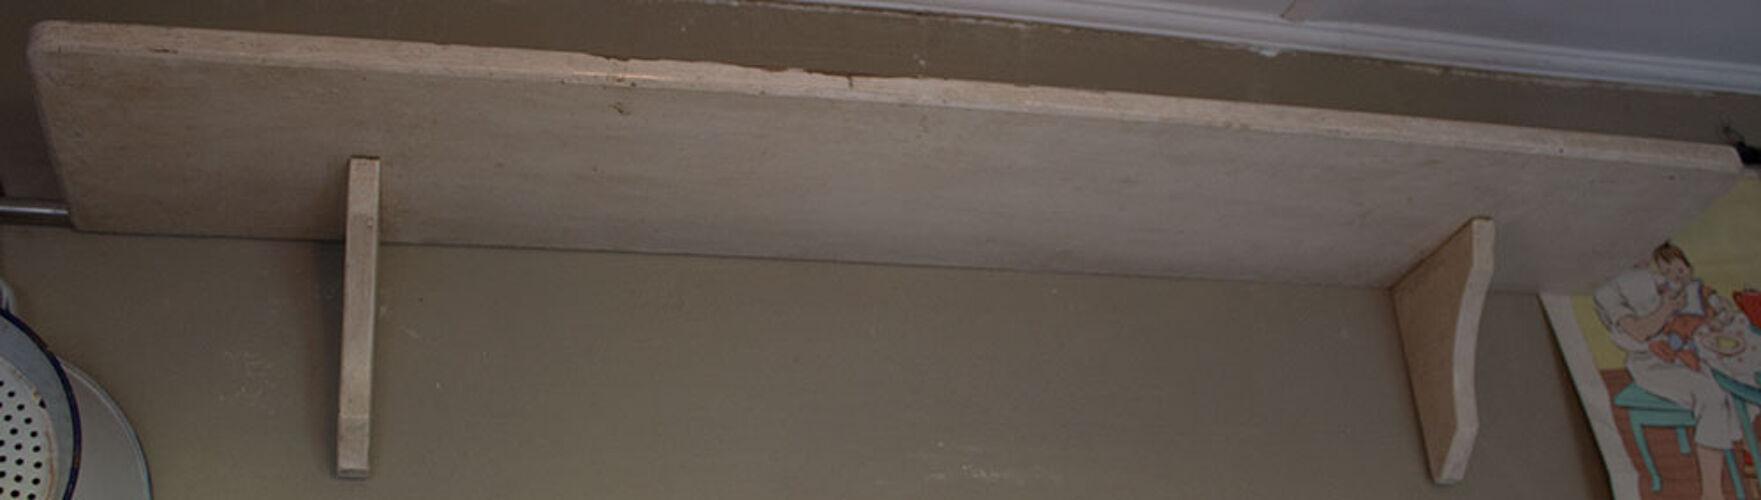 Étagère vieille patine blanche 86 cm